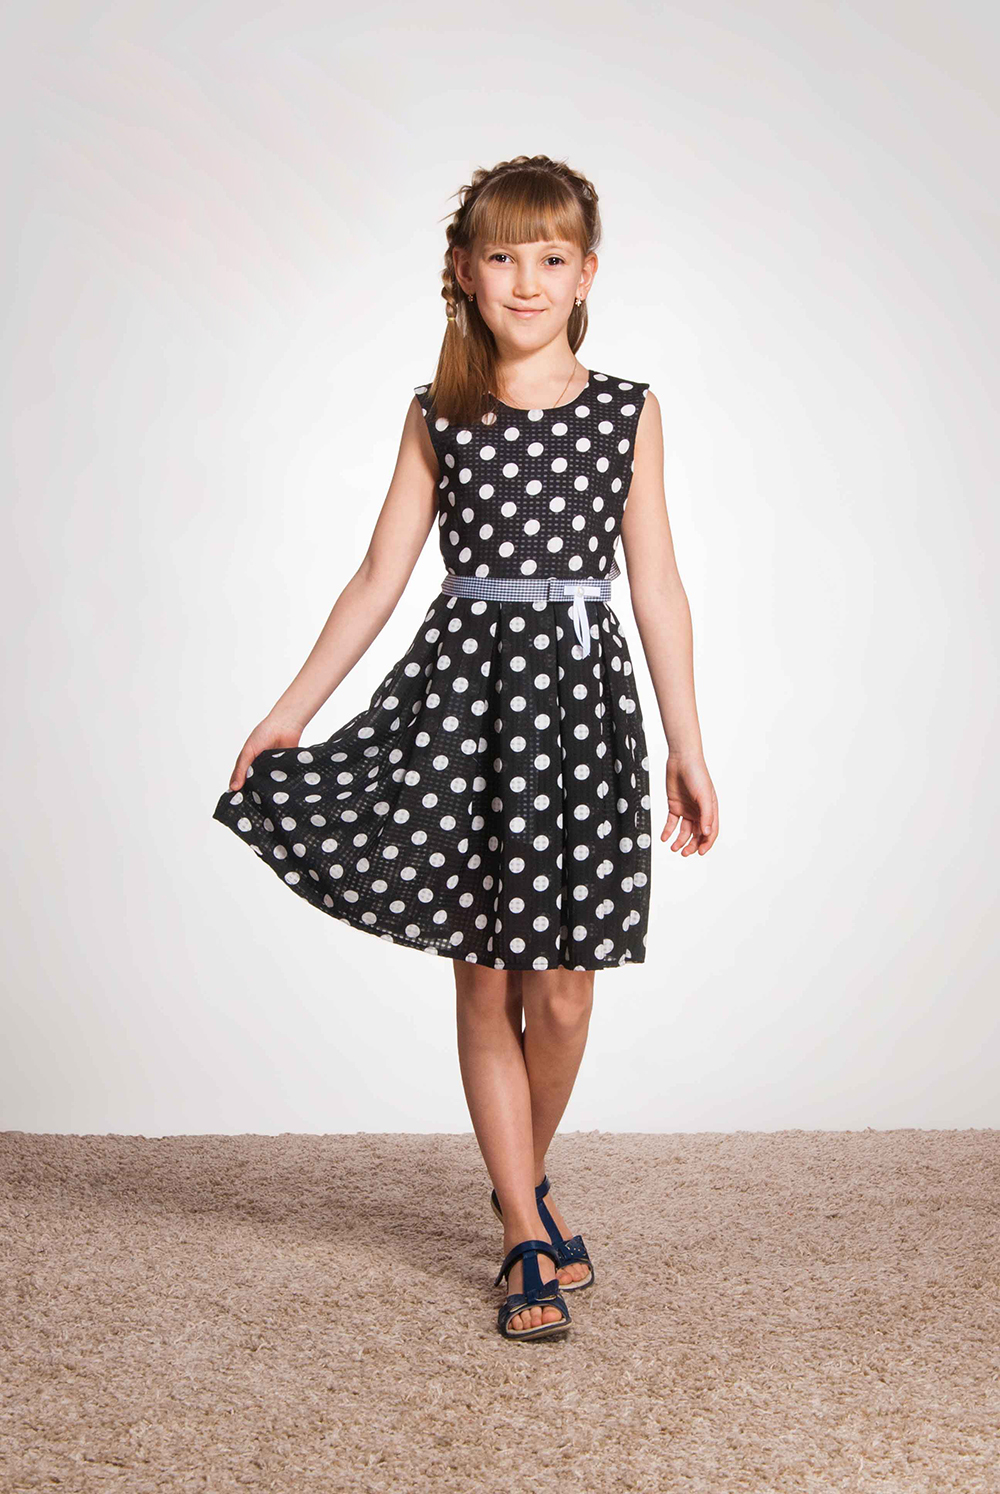 ПлатьеПлатья<br>Платье из хлопка на шифоне (фактура ткани: в хлопок по полотну идут вкрапления шифона, что делает ткань немного прозрачной) на подкладке из хлопка. Юбка со встречными складками по переду и заду.  Платье без пояса.  В изделии использованы цвета: черный, белый  Размер 74 соответствует росту 70-73 см Размер 80 соответствует росту 74-80 см Размер 86 соответствует росту 81-86 см Размер 92 соответствует росту 87-92 см Размер 98 соответствует росту 93-98 см Размер 104 соответствует росту 98-104 см Размер 110 соответствует росту 105-110 см Размер 116 соответствует росту 111-116 см Размер 122 соответствует росту 117-122 см Размер 128 соответствует росту 123-128 см Размер 134 соответствует росту 129-134 см Размер 140 соответствует росту 135-140 см Размер 146 соответствует росту 141-146 см Размер 152 соответствует росту 147-152 см Размер 158 соответствует росту 153-158 см Размер 164 соответствует росту 159-164 см Размер 170 соответствует росту 165-170 см<br><br>Горловина: С- горловина<br>По возрасту: Ясельные ( от 1 до 3 лет),Дошкольные ( от 3 до 7 лет),Школьные ( от 7 до 13 лет)<br>По длине: Миди<br>По материалу: Хлопковые<br>По образу: Повседневные,Торжество<br>По рисунку: В горошек,С принтом (печатью),Цветные<br>По силуэту: Приталенные<br>По стилю: Летние,Нарядные,Повседневные<br>По элементам: Без рукавов,С декором<br>По сезону: Лето<br>Размер : 104,116,122,140,98<br>Материал: Хлопок<br>Количество в наличии: 5